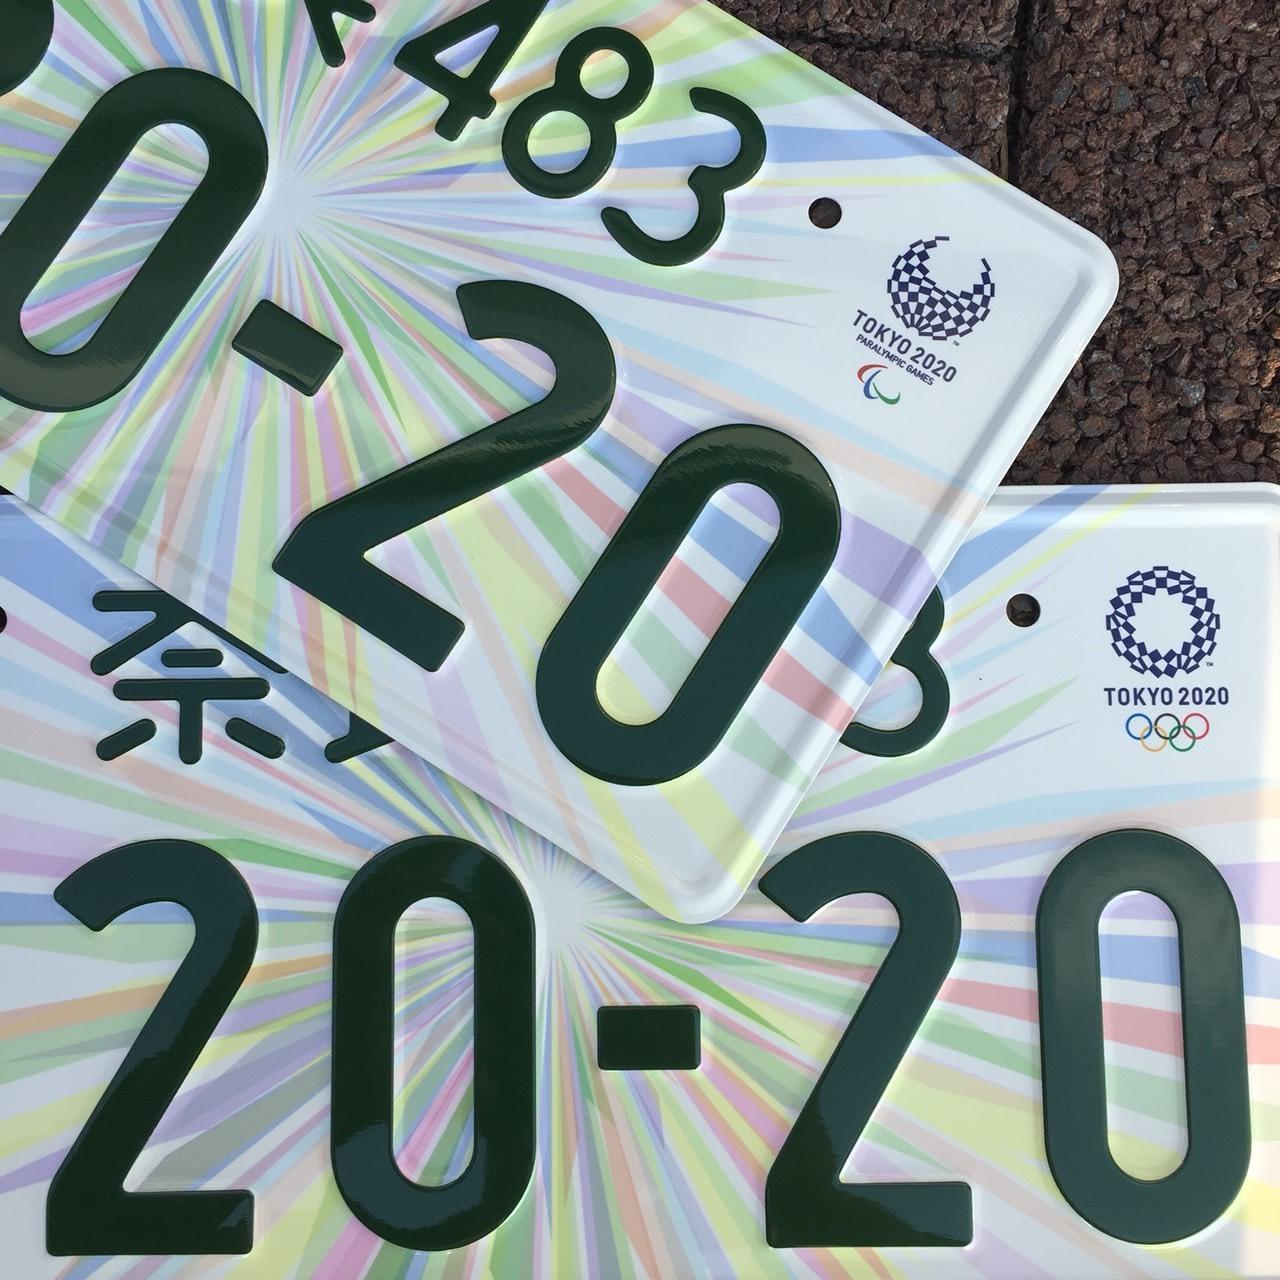 軽 自動車 オリンピック ナンバー